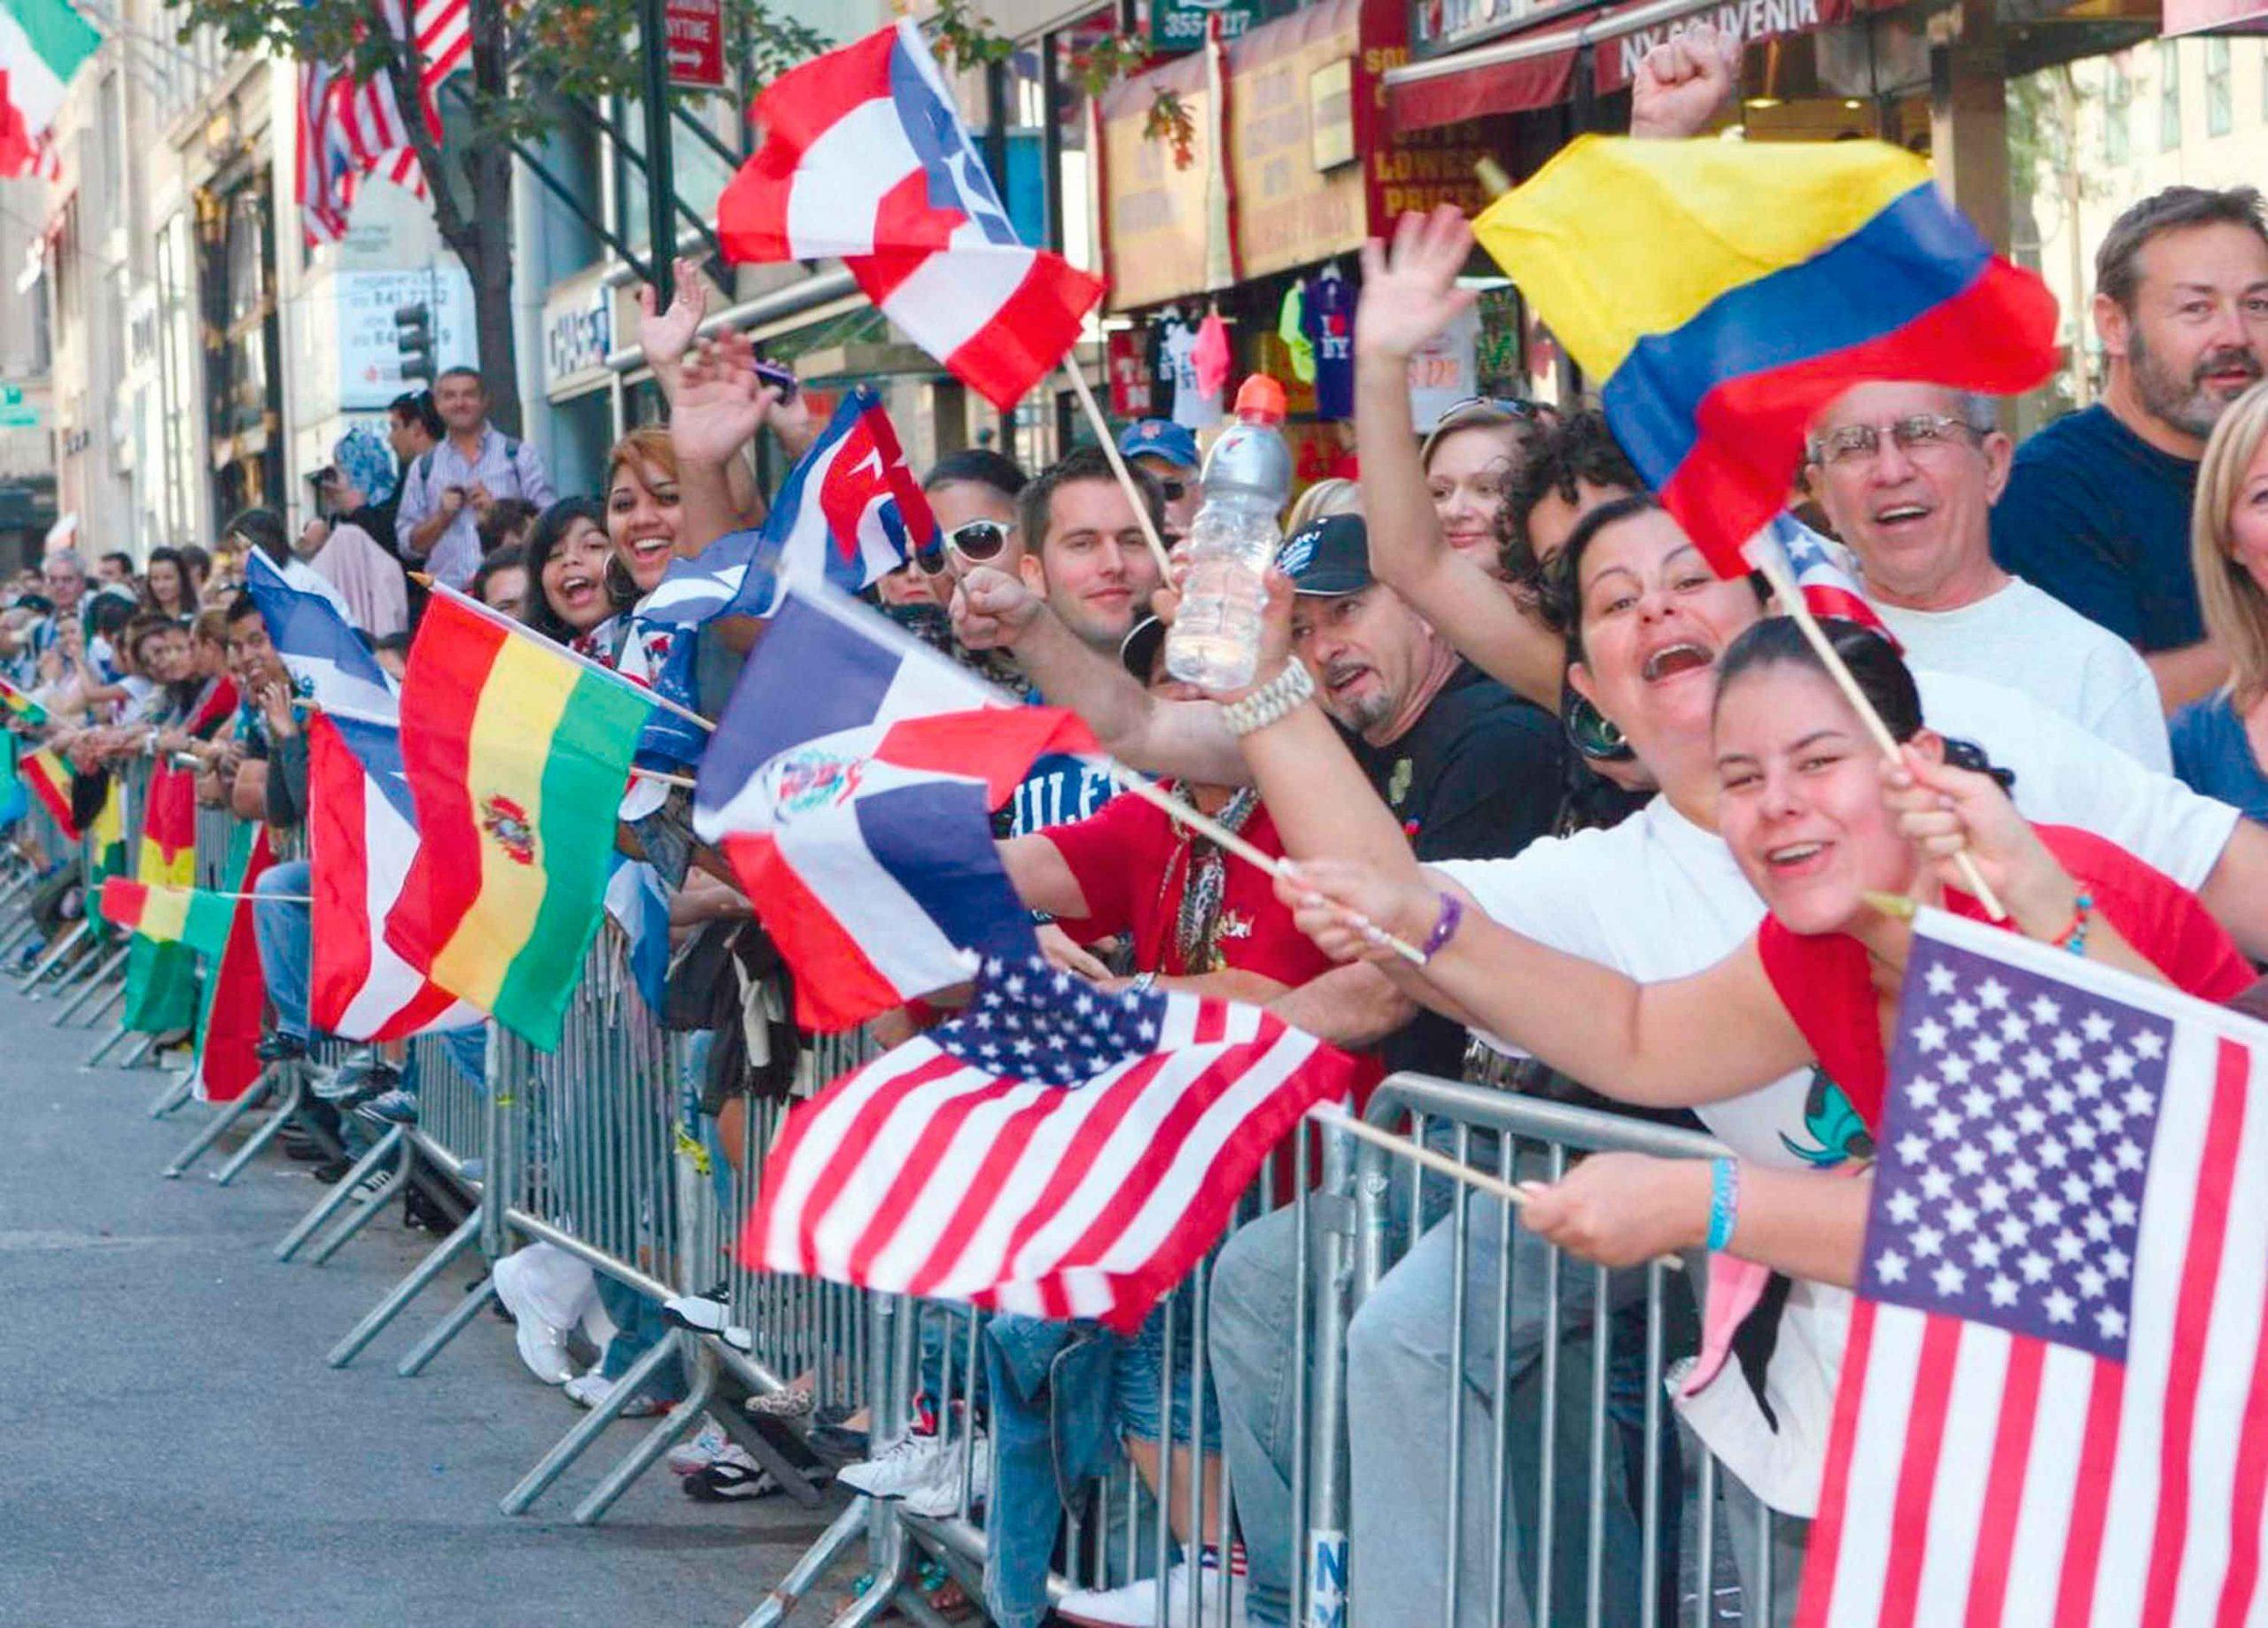 Inmigrantes latinoamericanos - El Sol Latino